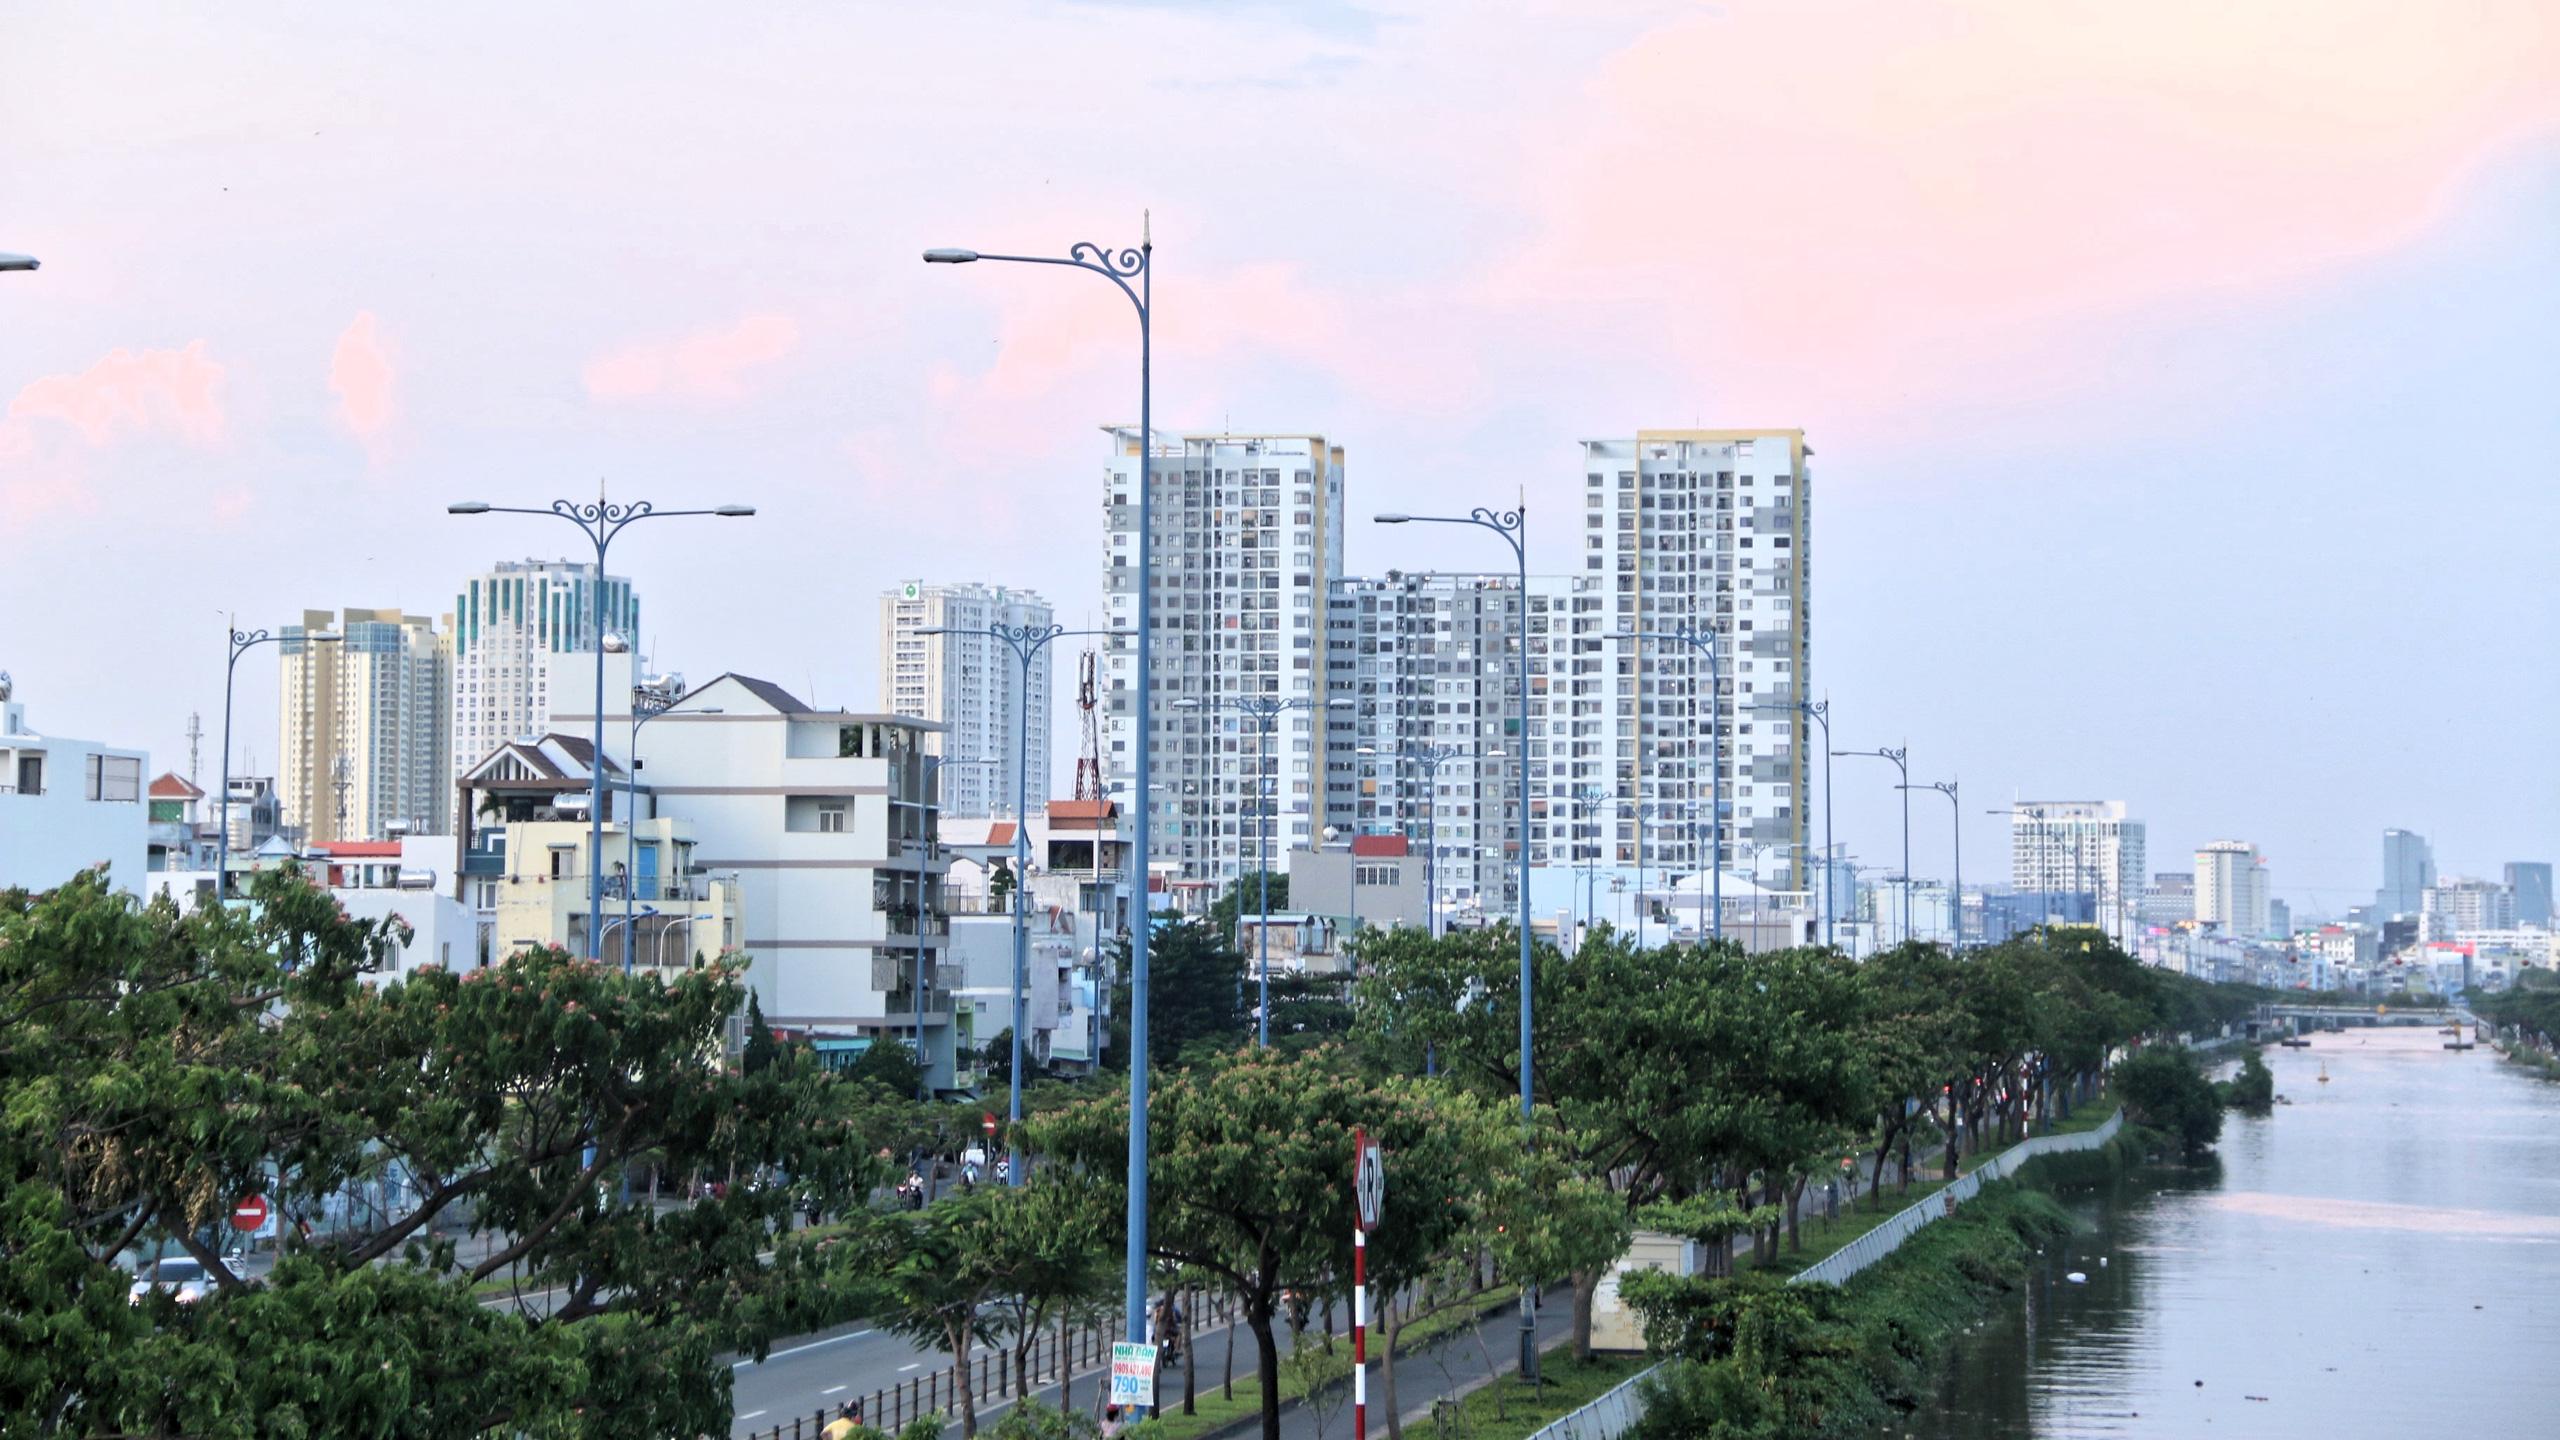 Cận cảnh Đại lộ Đông Tây của TP HCM sau gần một thập kỷ - Ảnh 8.